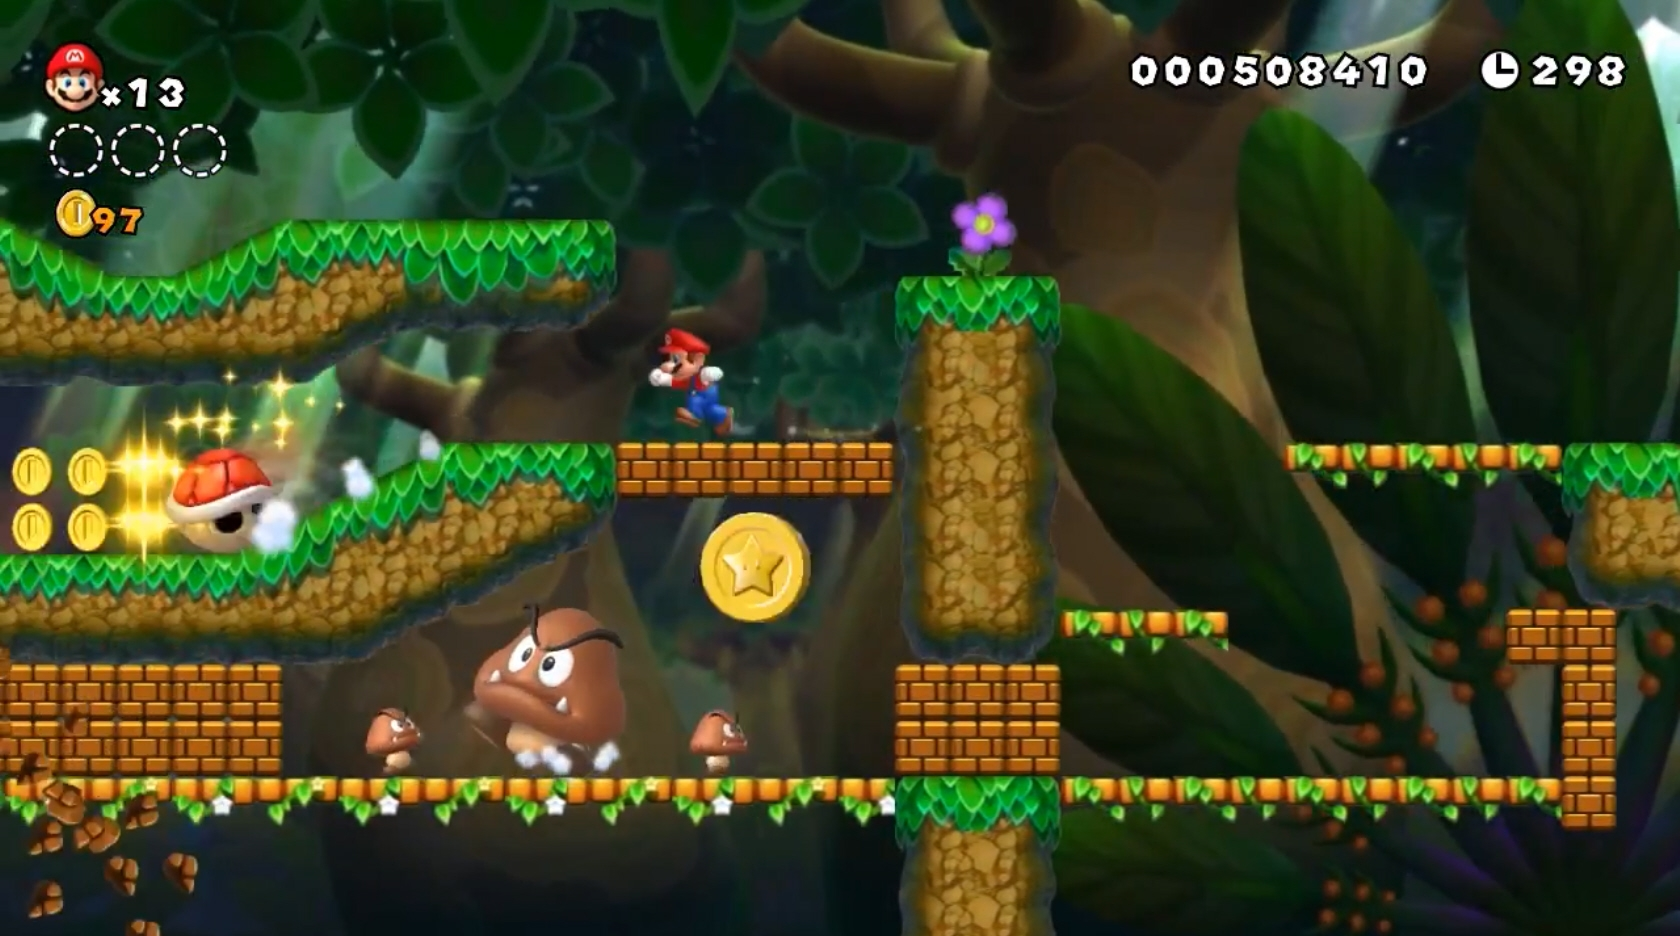 Tiens ? On dirait le monde Grande Petit de Mario 64